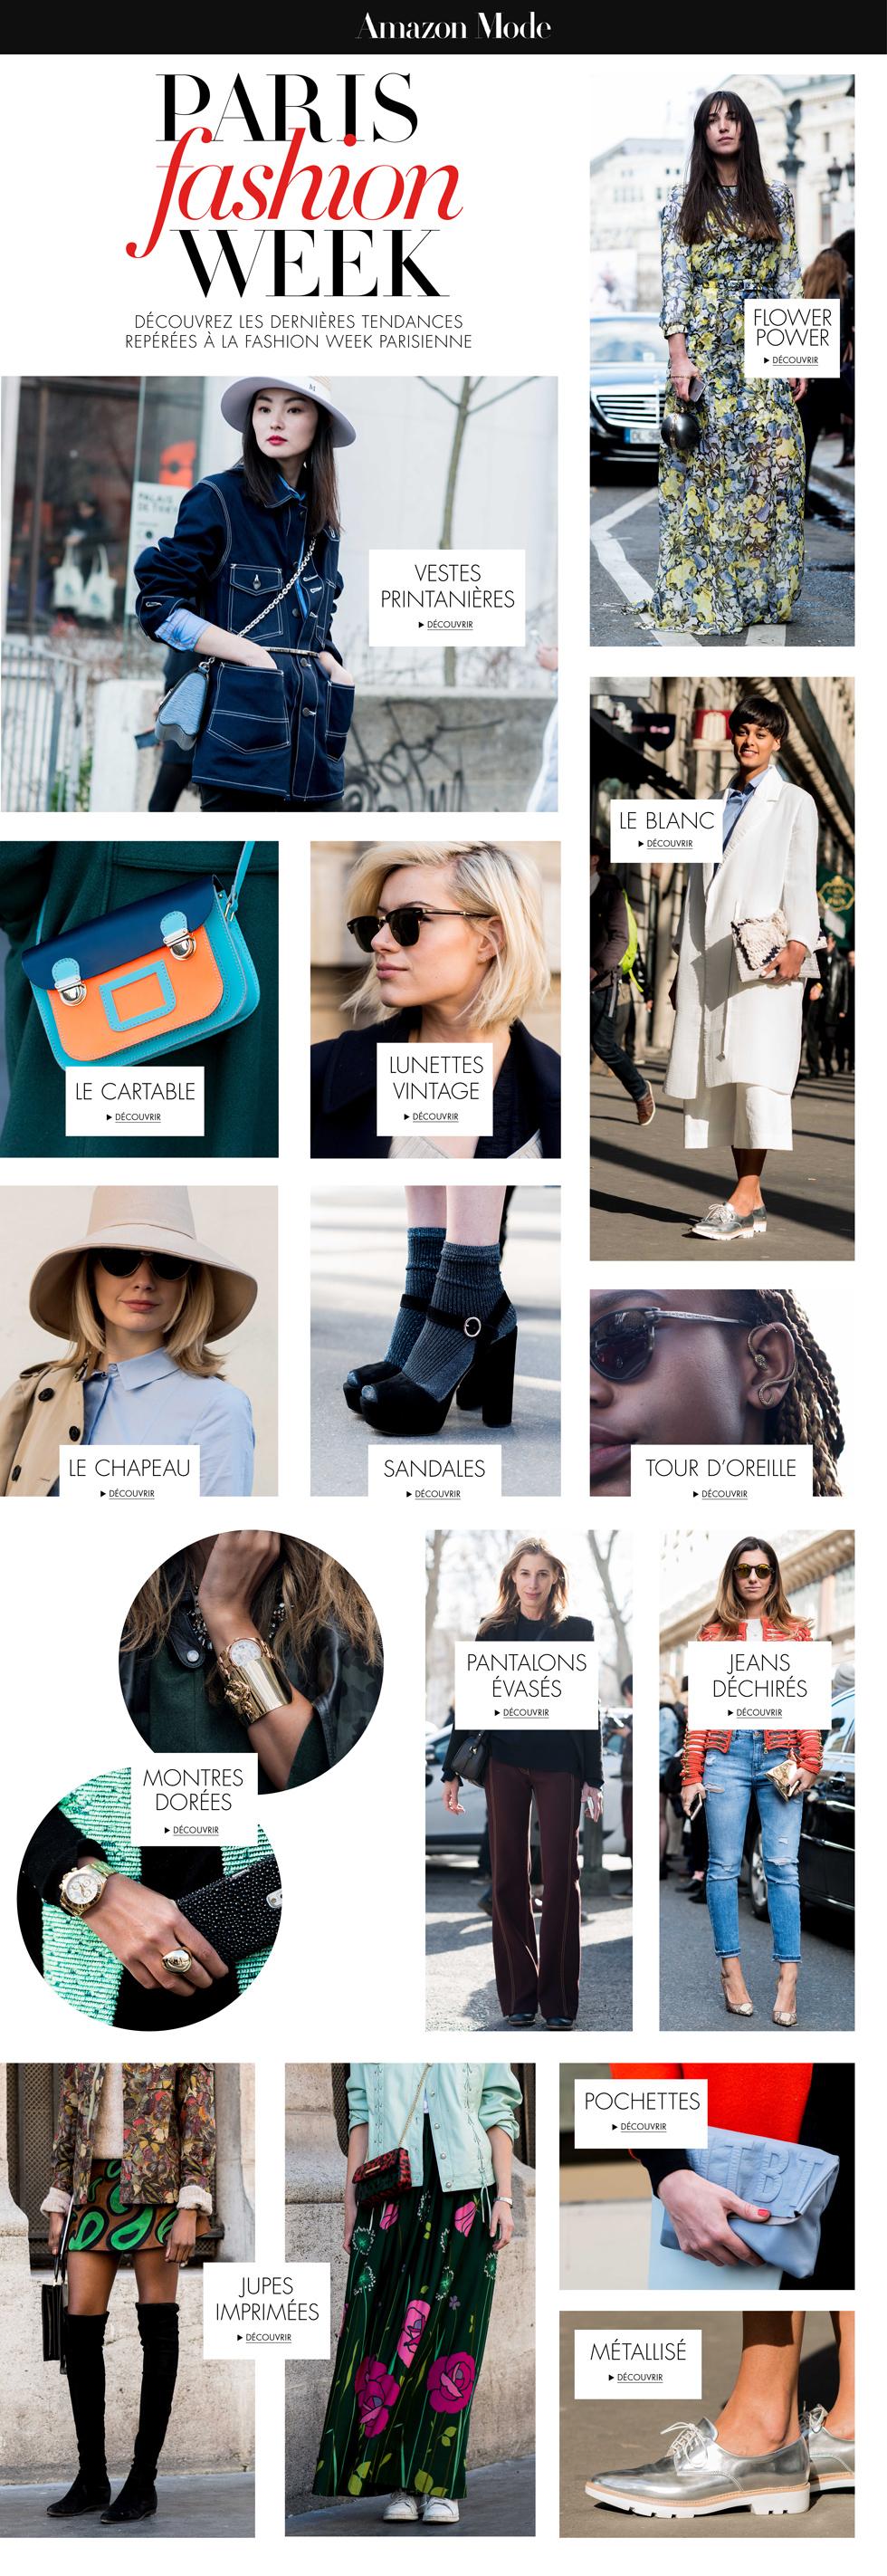 Paris Fashion Week Edit